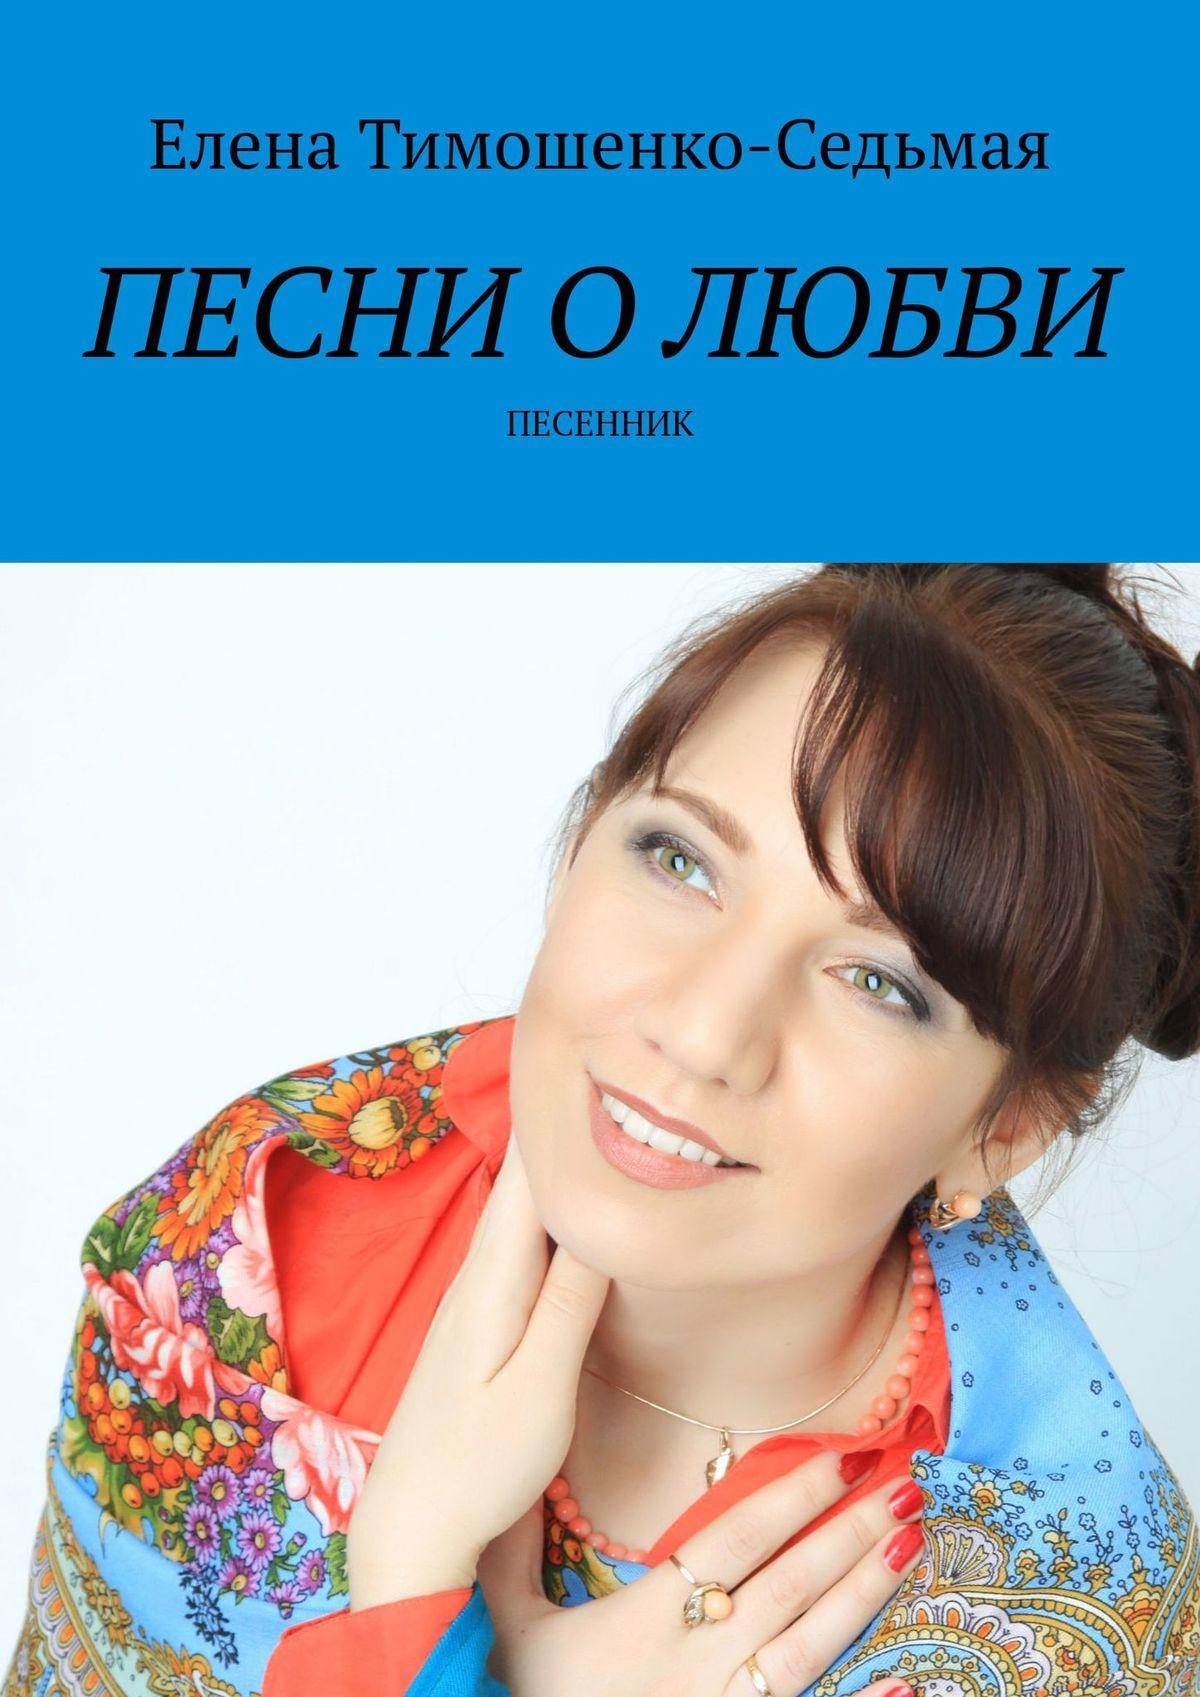 Елена Тимошенко-Седьмая Песни о любви. Песенник